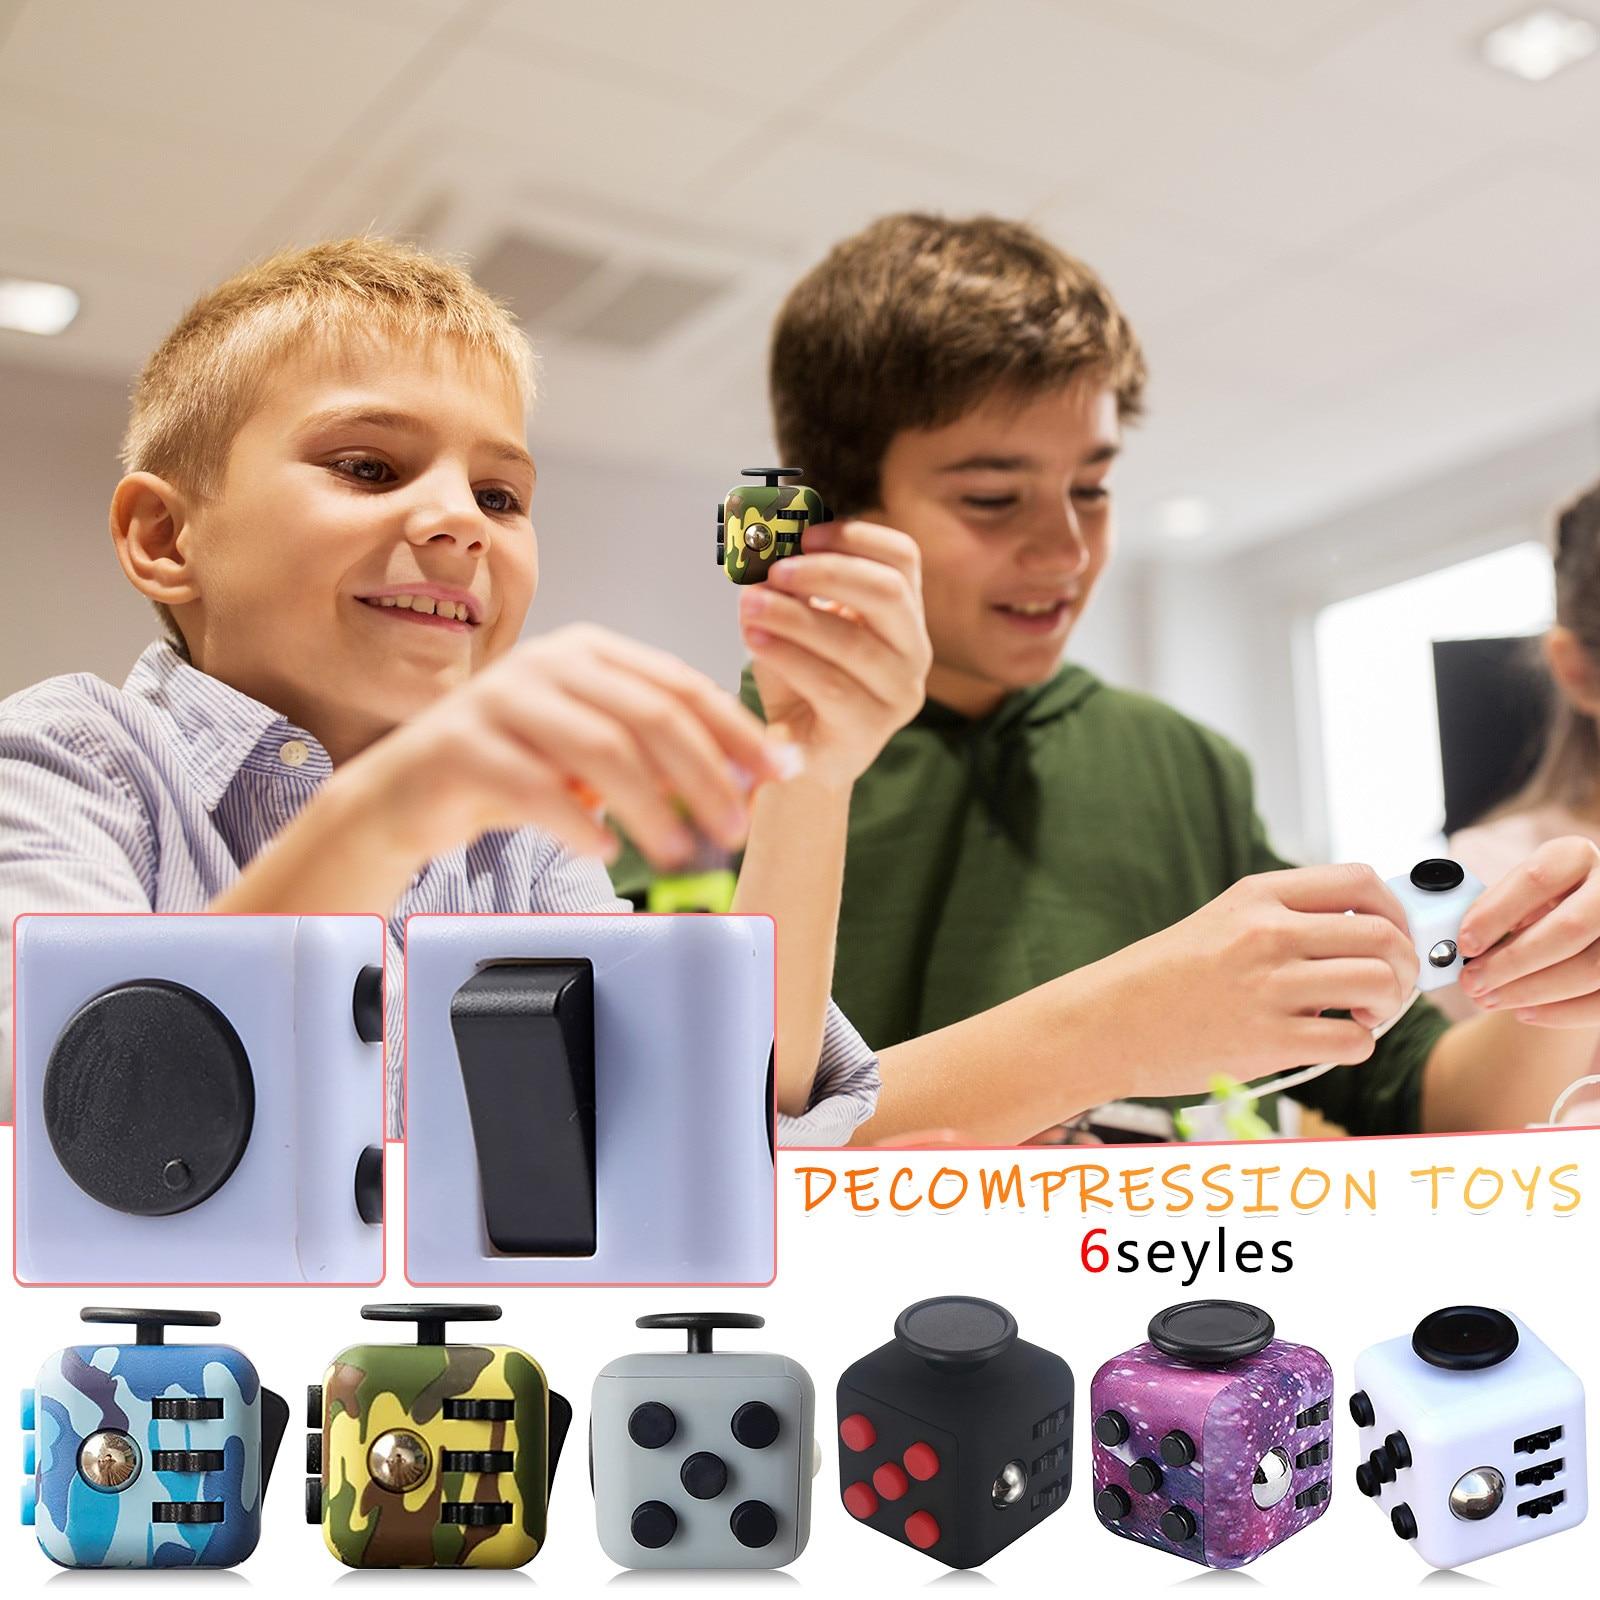 Куб Игрушка антистресс деком Пресс литий-ионный игрушка Пресс Magic стресс снятие стресса De Пресс литий-ионный анти куб для детей для снятия с...